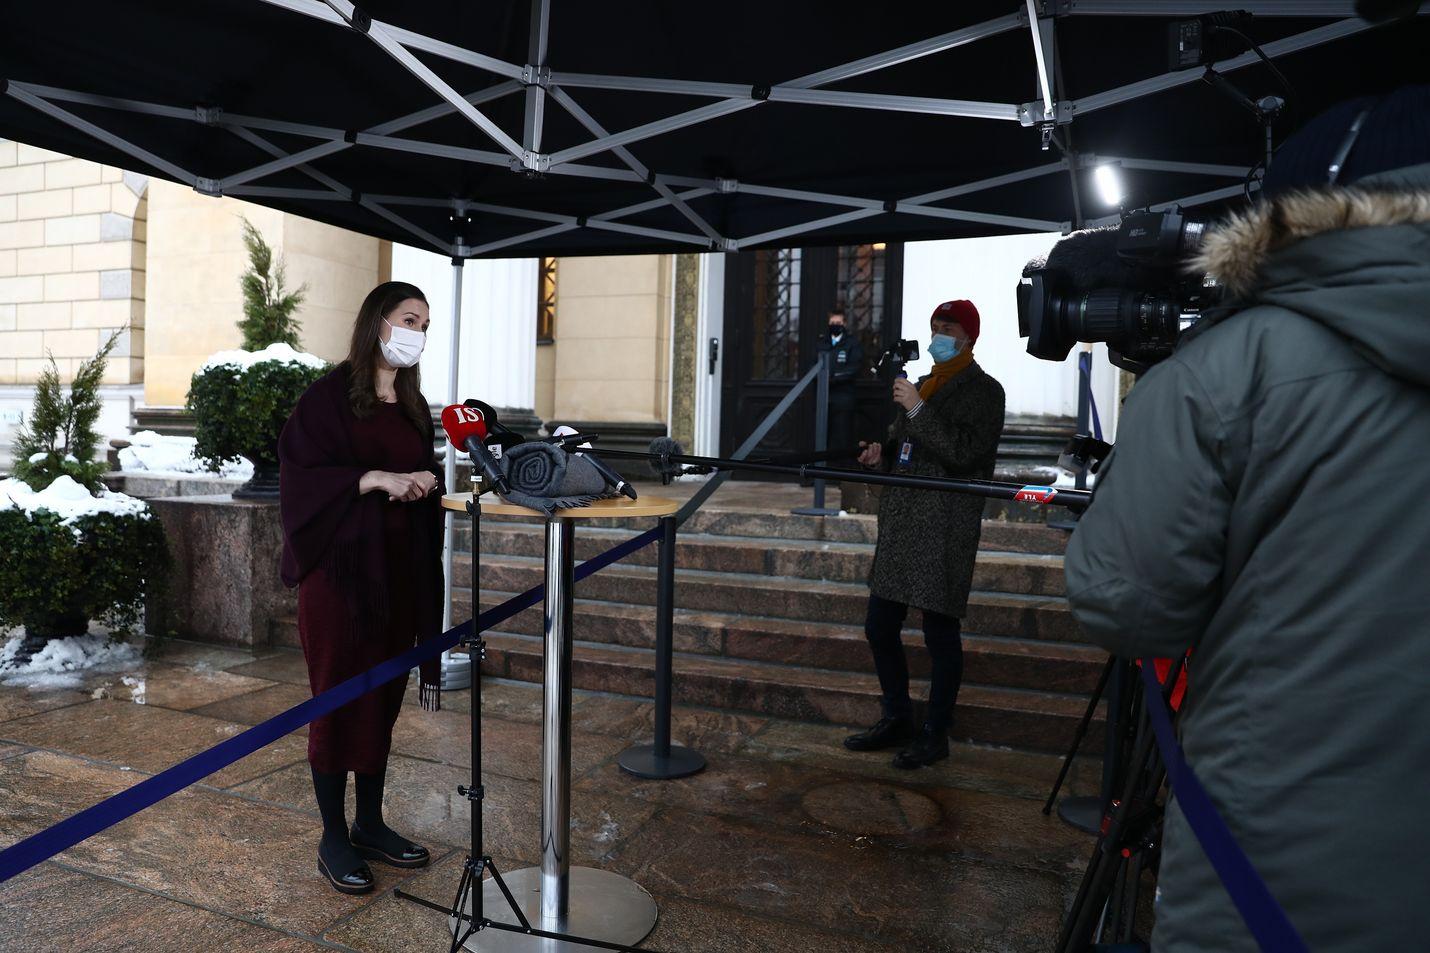 Pääministeri Sanna Marin (sd.) antoi ennen neuvotteluja Säätytalon portailla kommentteja tiedotusvälineille. Hänen mukaansa Suomi pyrkii löytämään naapurimaidensa kanssa kestäviä ja pidempiaikaisia ratkaisuja koronarajoituksiin.